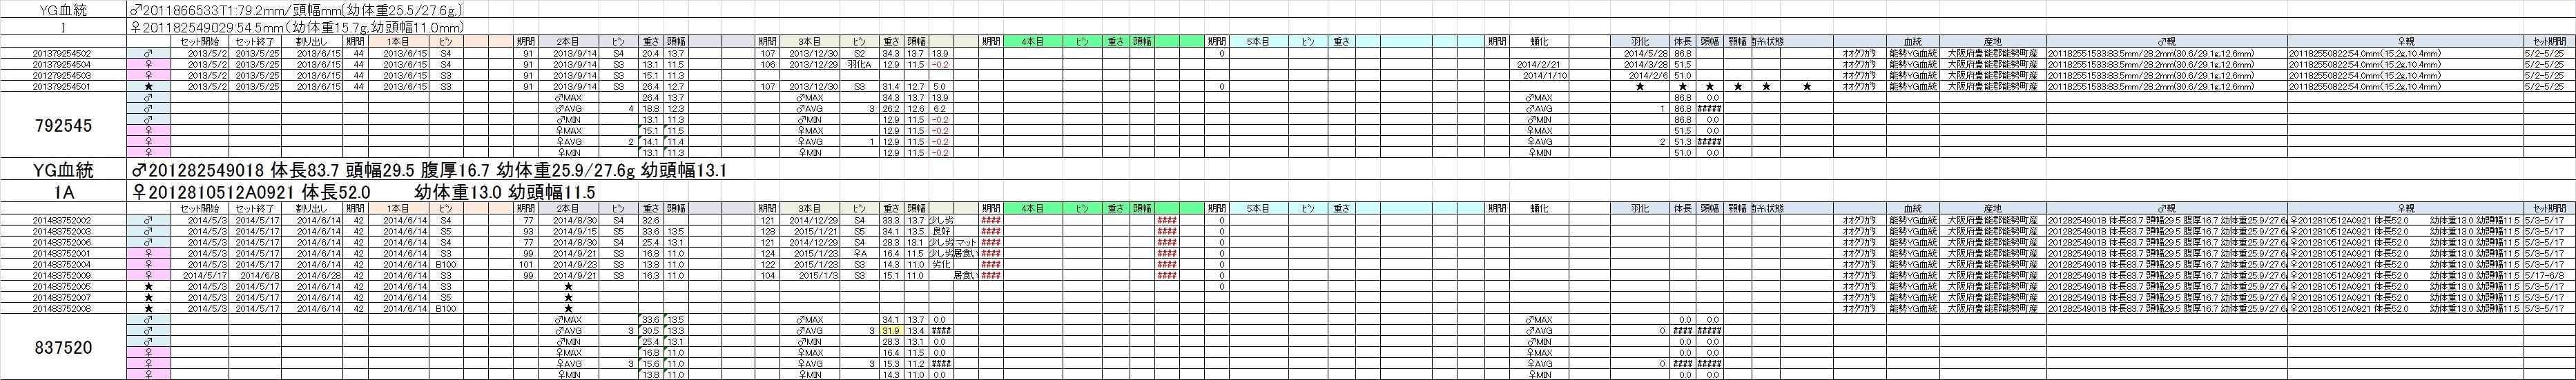 個体管理表1